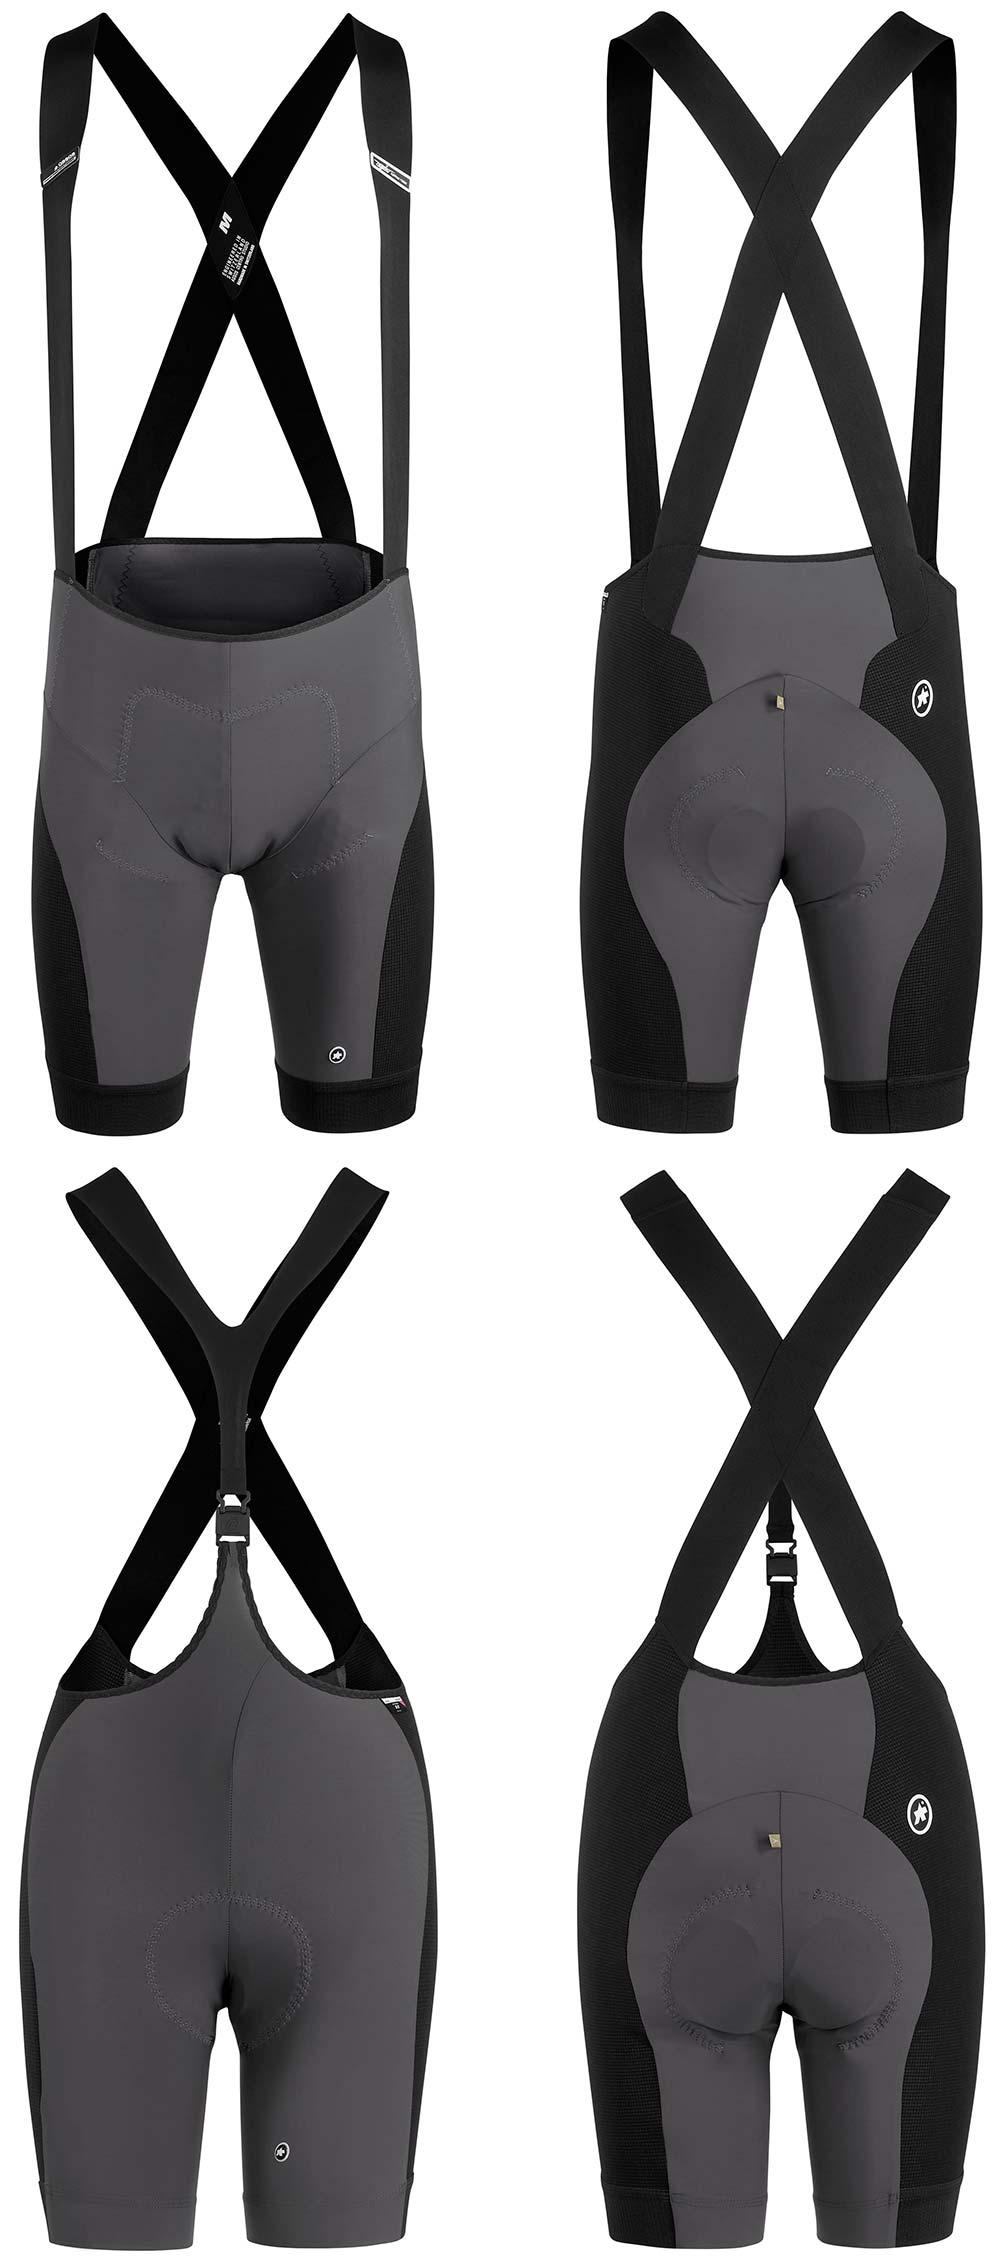 En TodoMountainBike: Assos XC Collection, la equipación de verano de la firma suiza dirigida a ciclistas de montaña